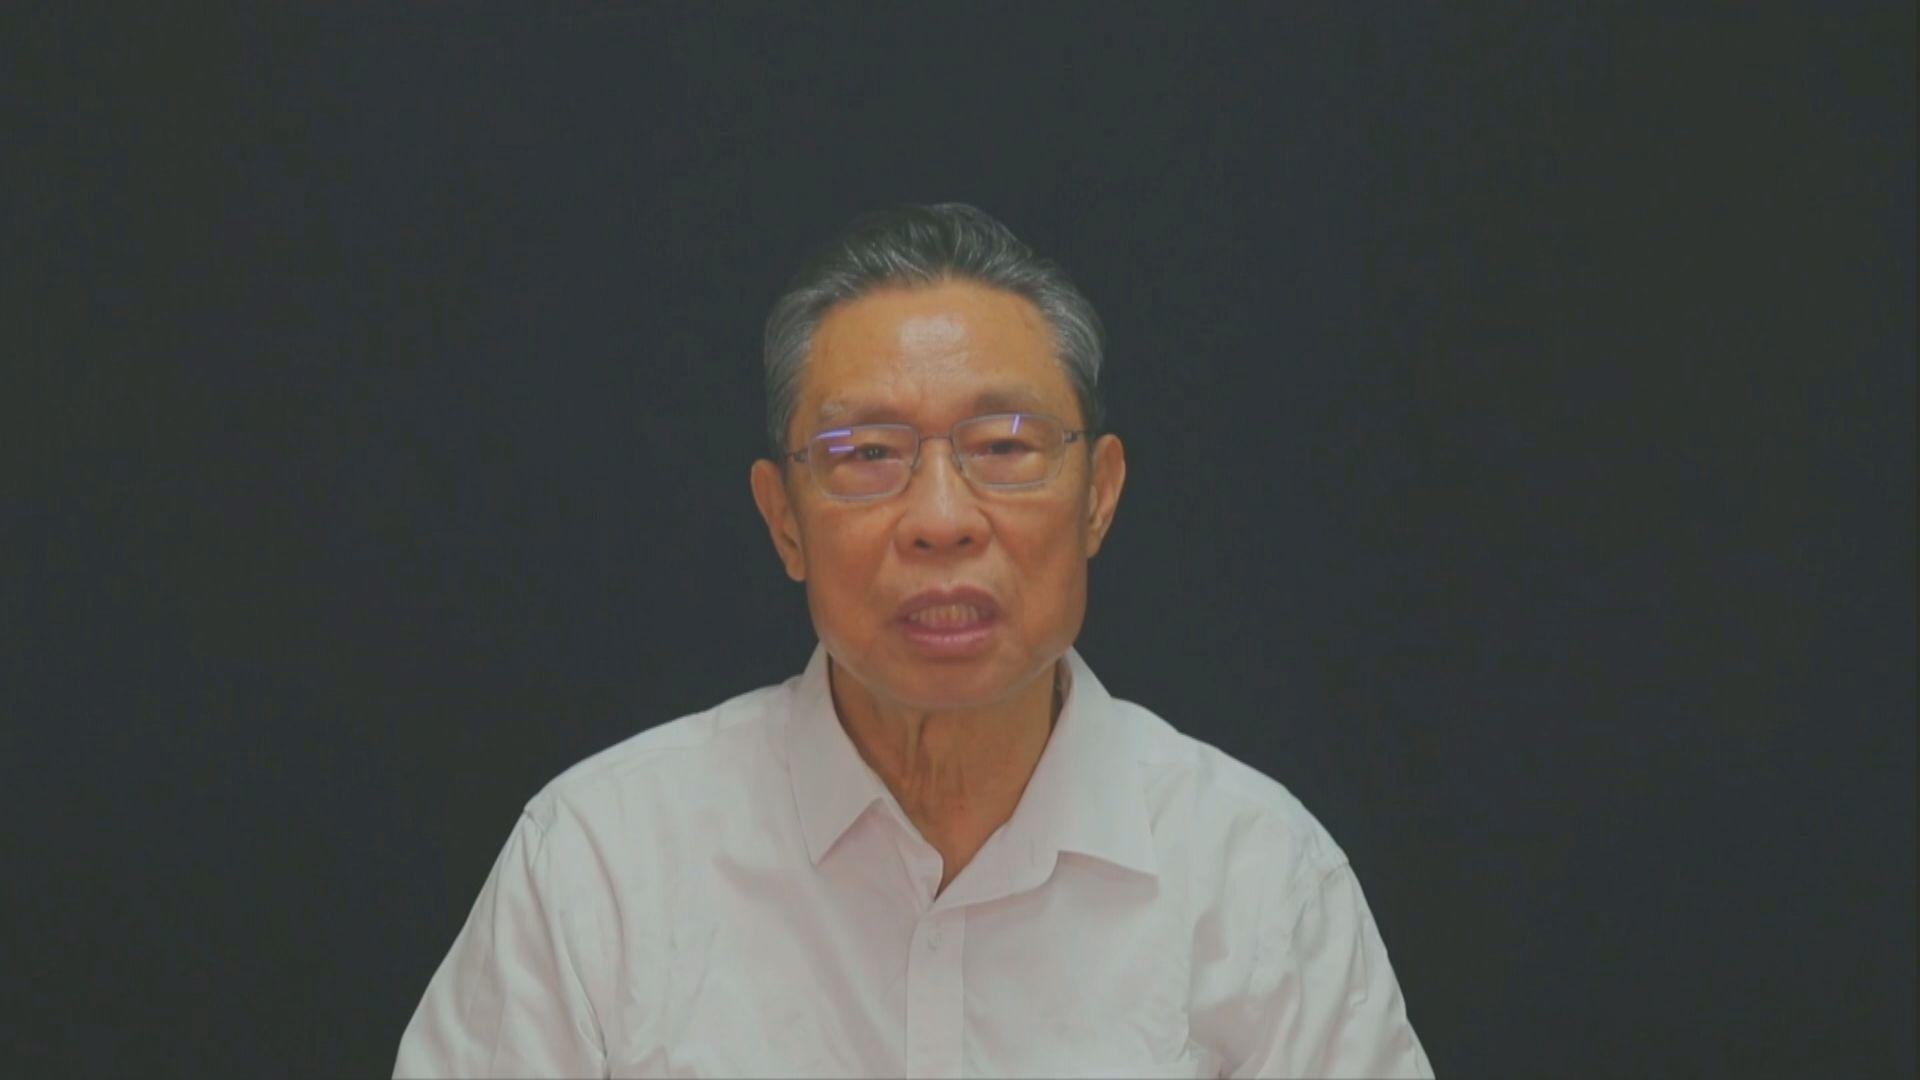 鍾南山指全球新一波疫情開始 倡各國設通報機制